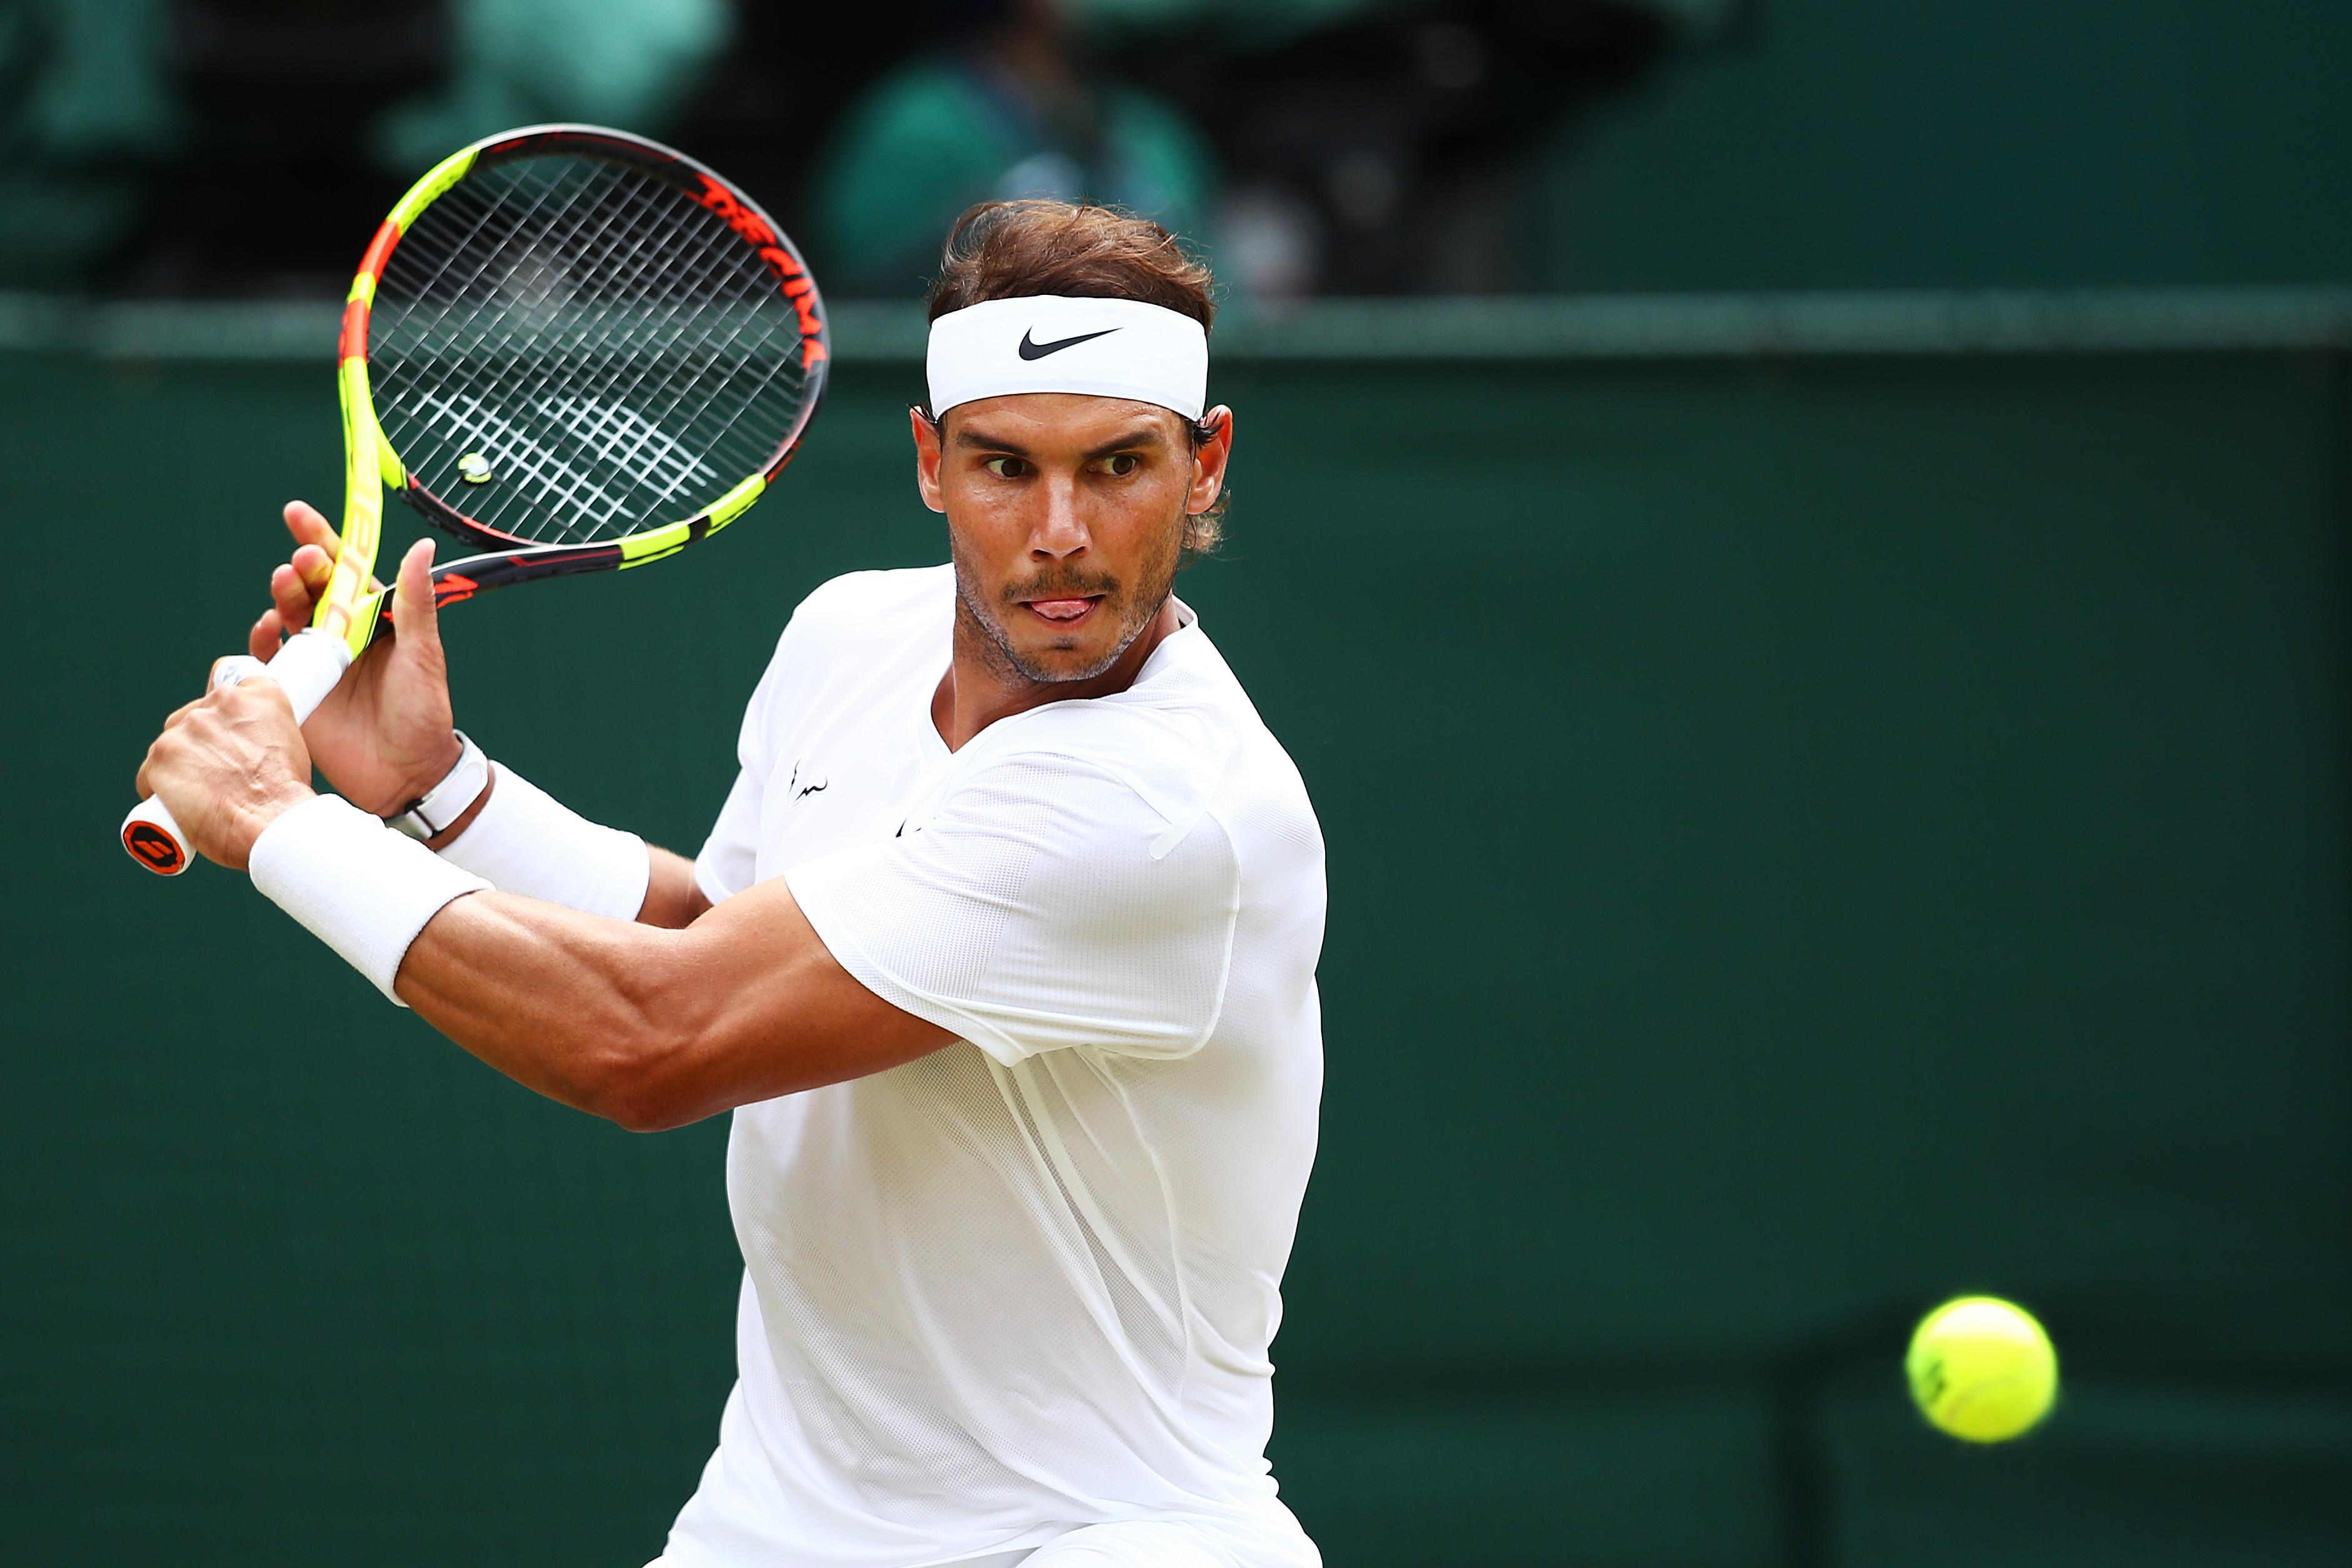 Rafa Nadal Wimbledon 2019